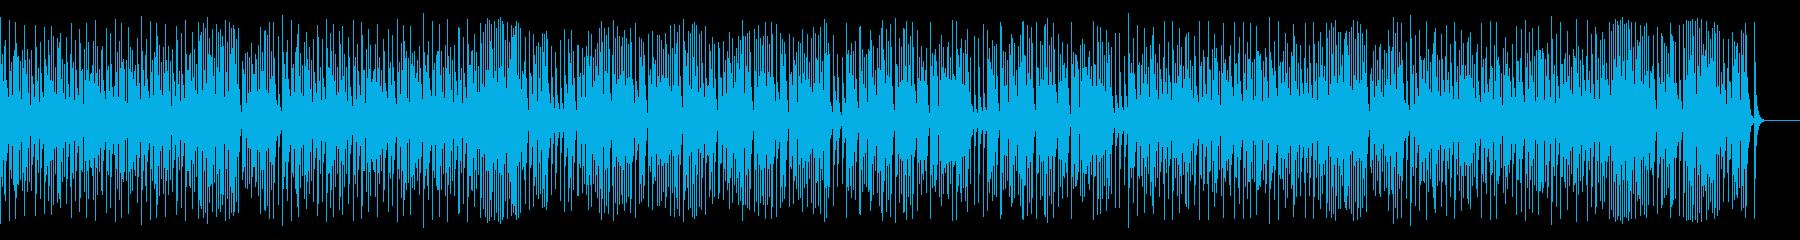 木琴でわくわくハッピーなオールドジャズの再生済みの波形